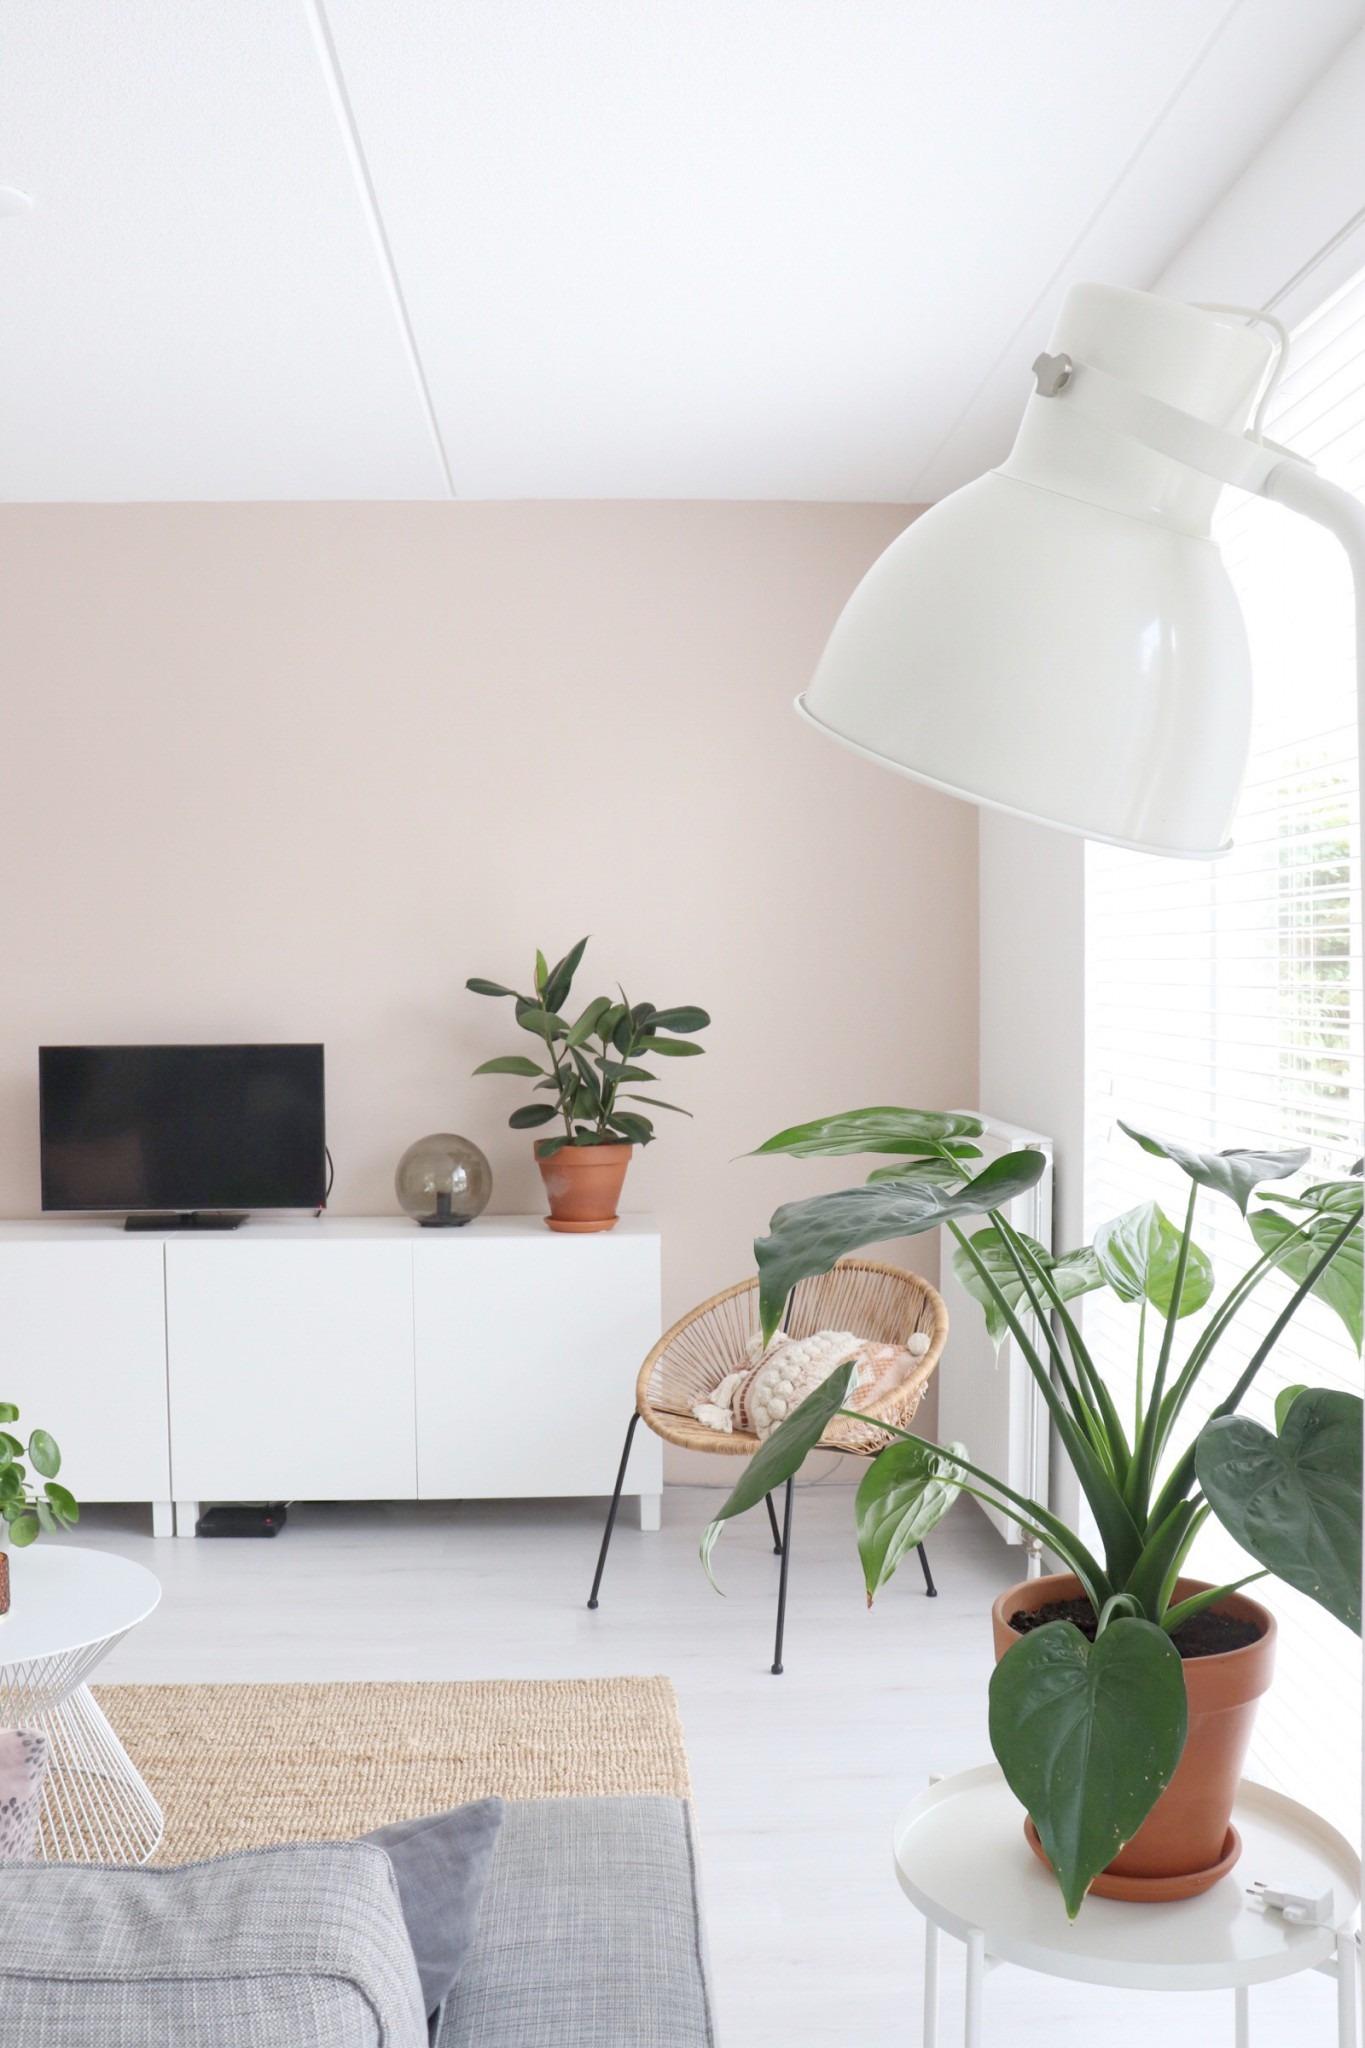 kijkje in de woonkamer met Pink Nudity op de muur.